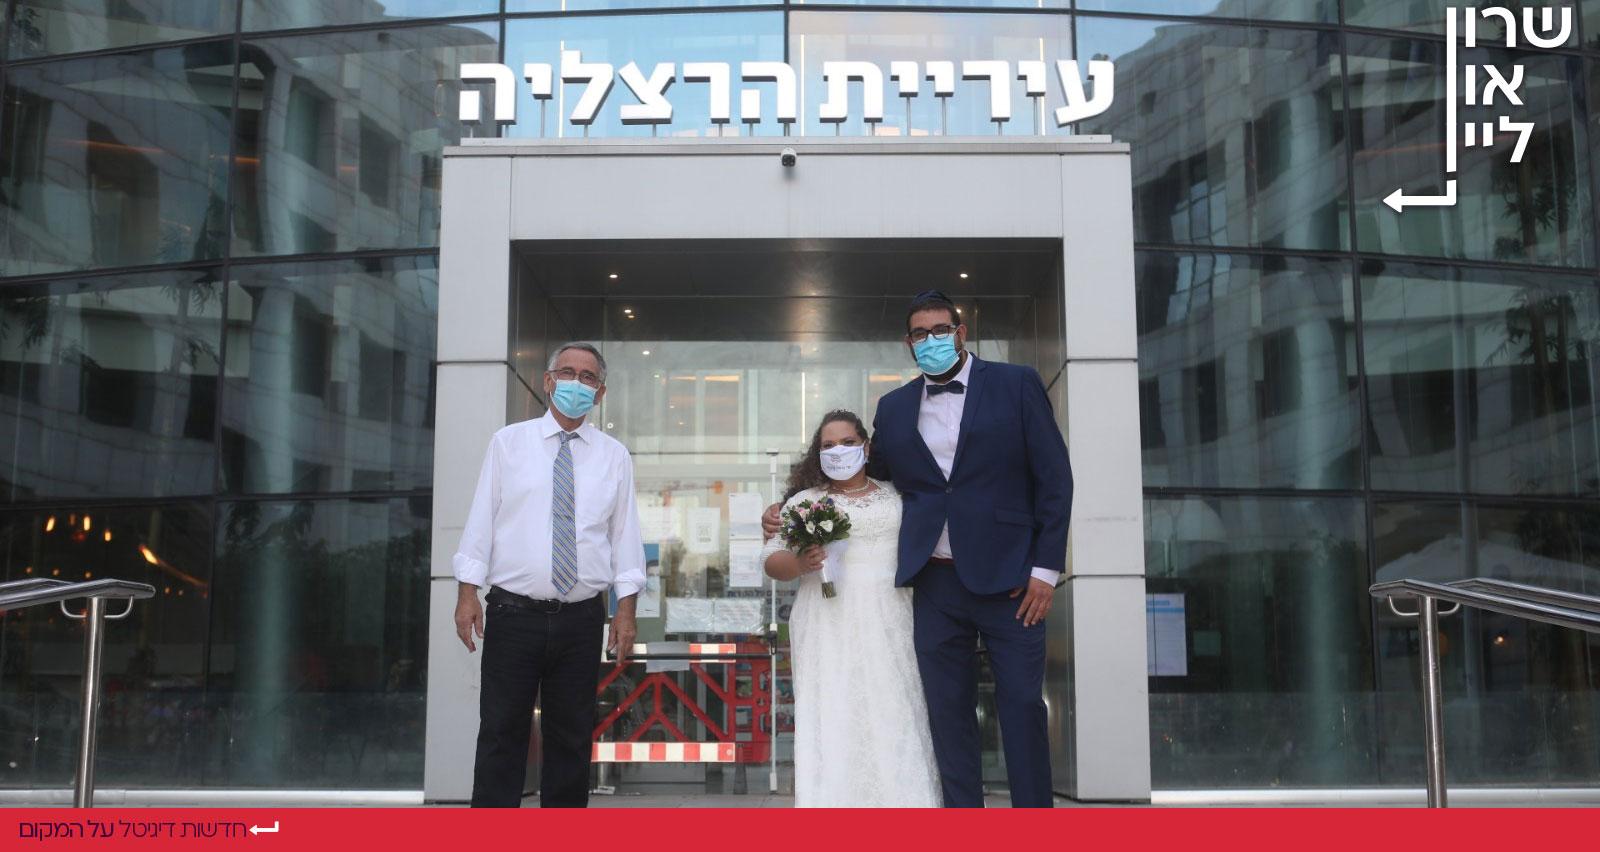 משה פדלון וזוג מתחתנים בפתח בניין עיריית הרצליה